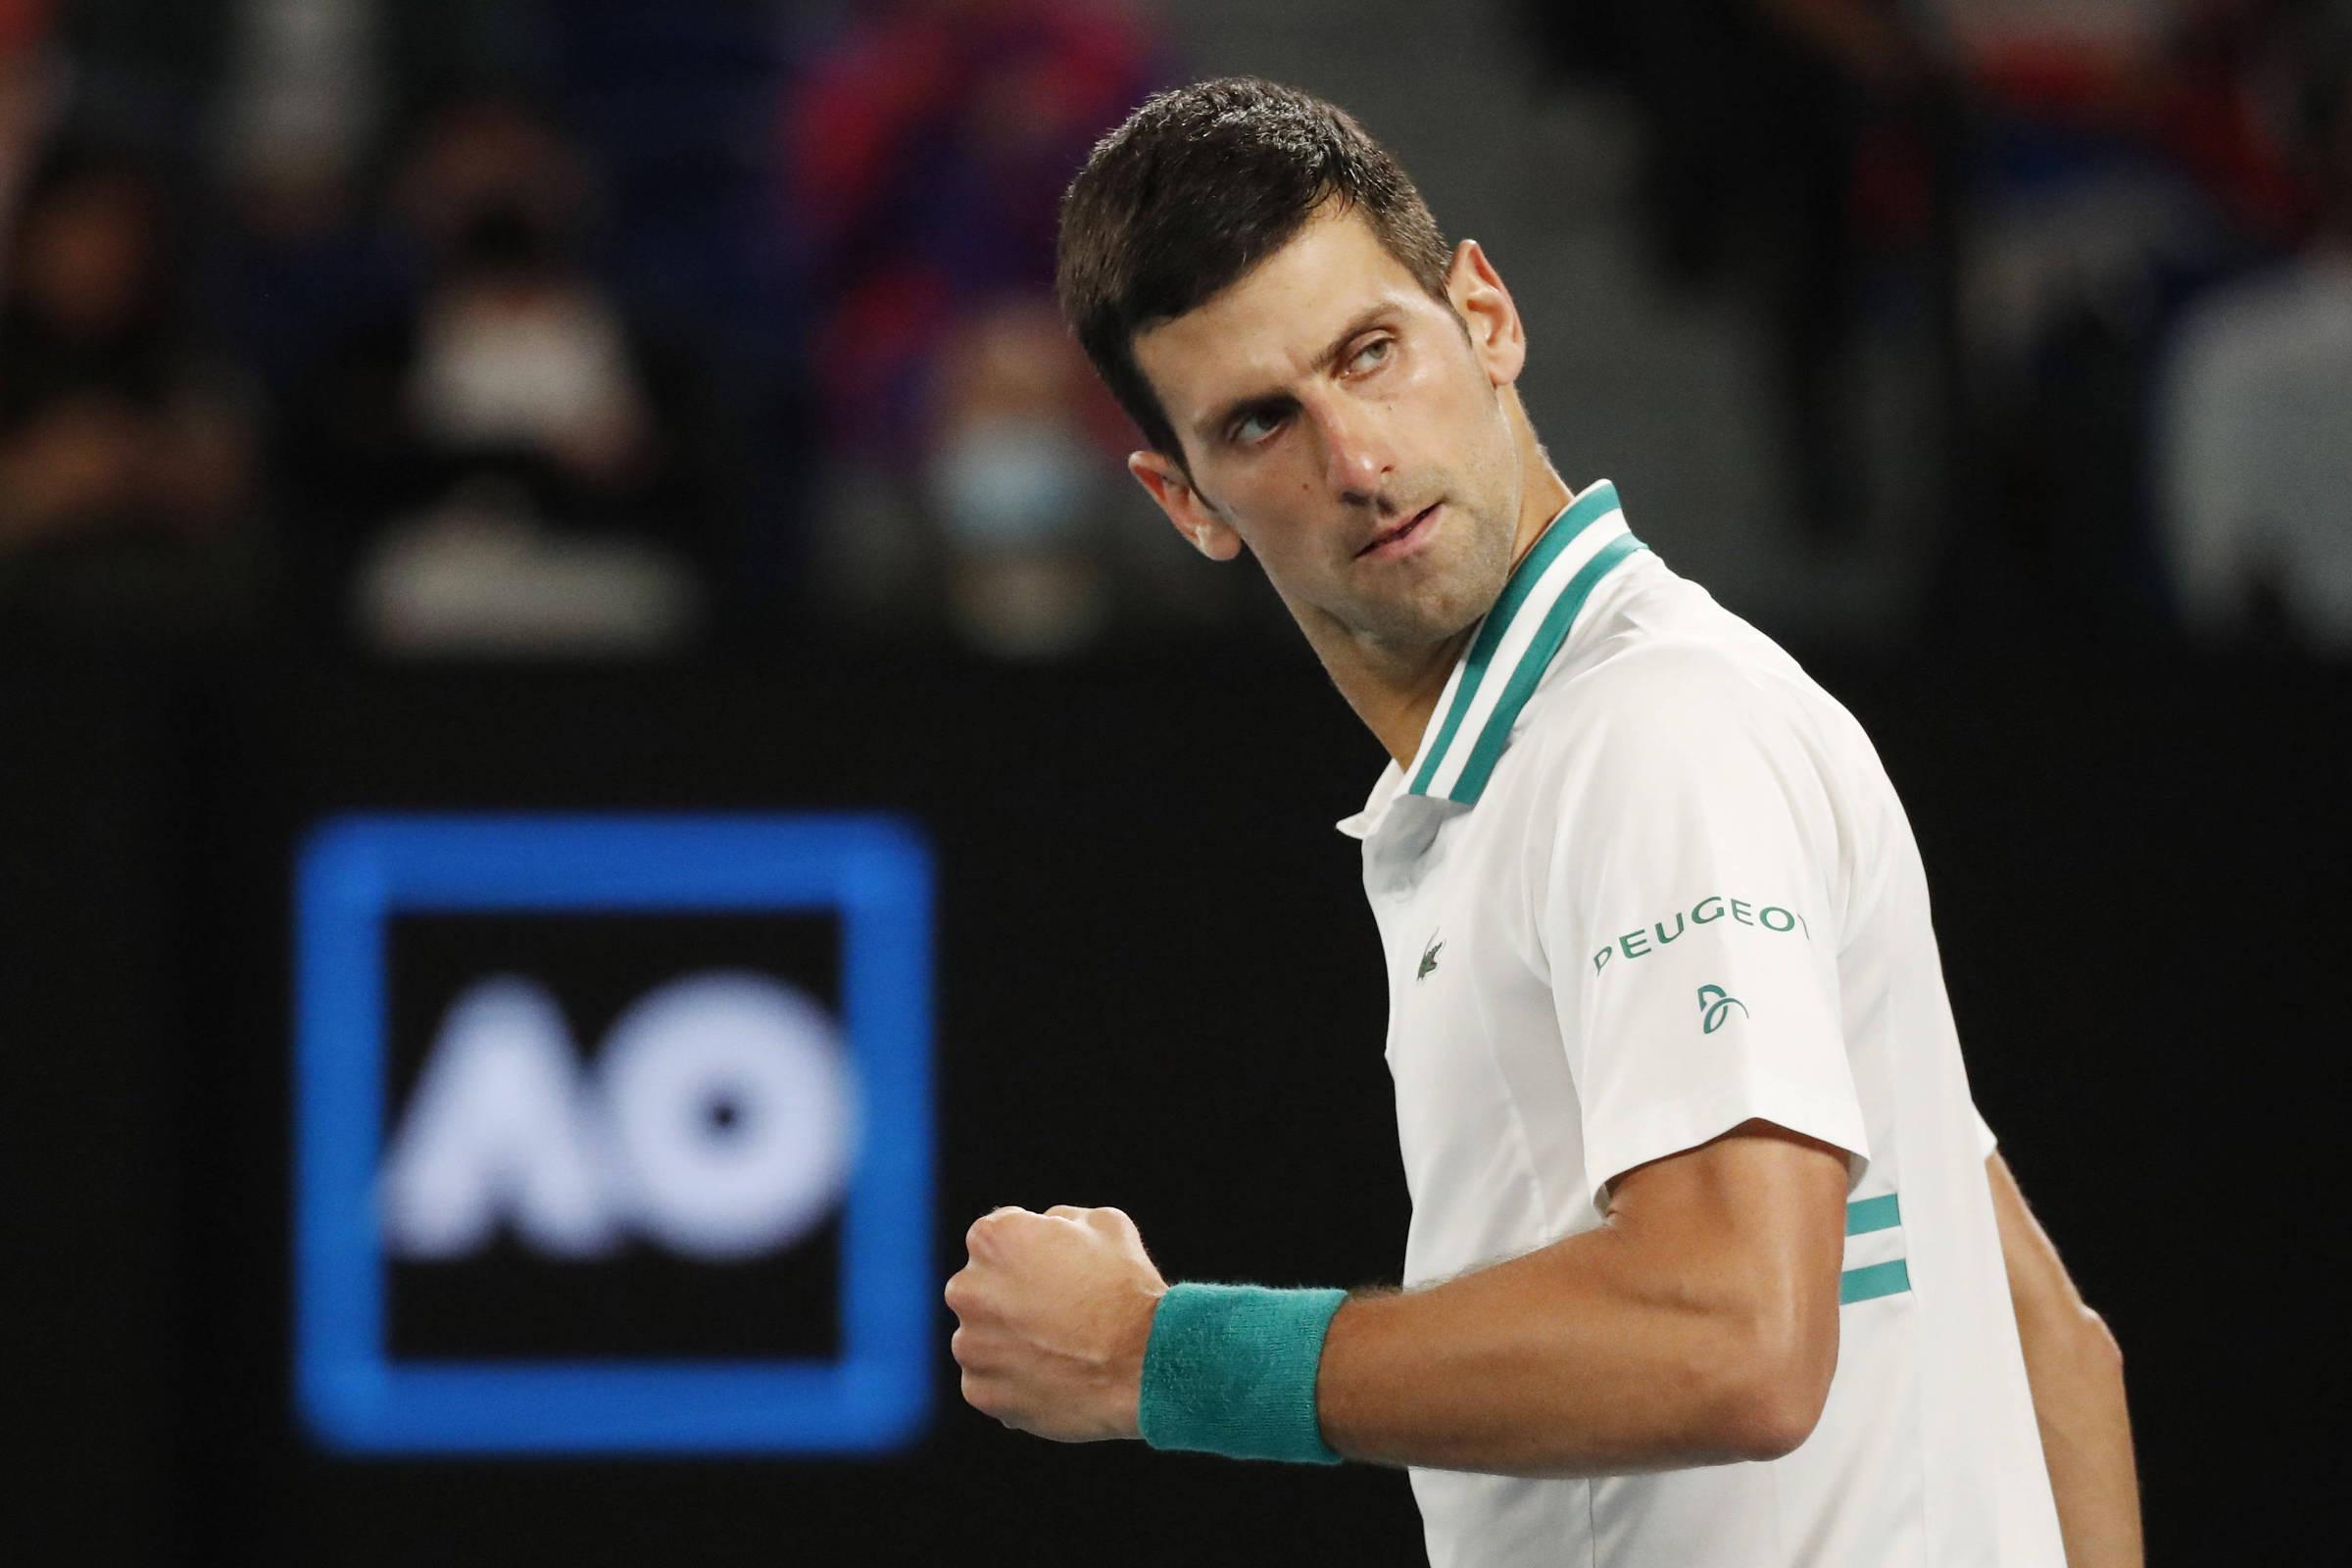 Djokovic domina Medvedev e vence Australian Open pela 9ª vez